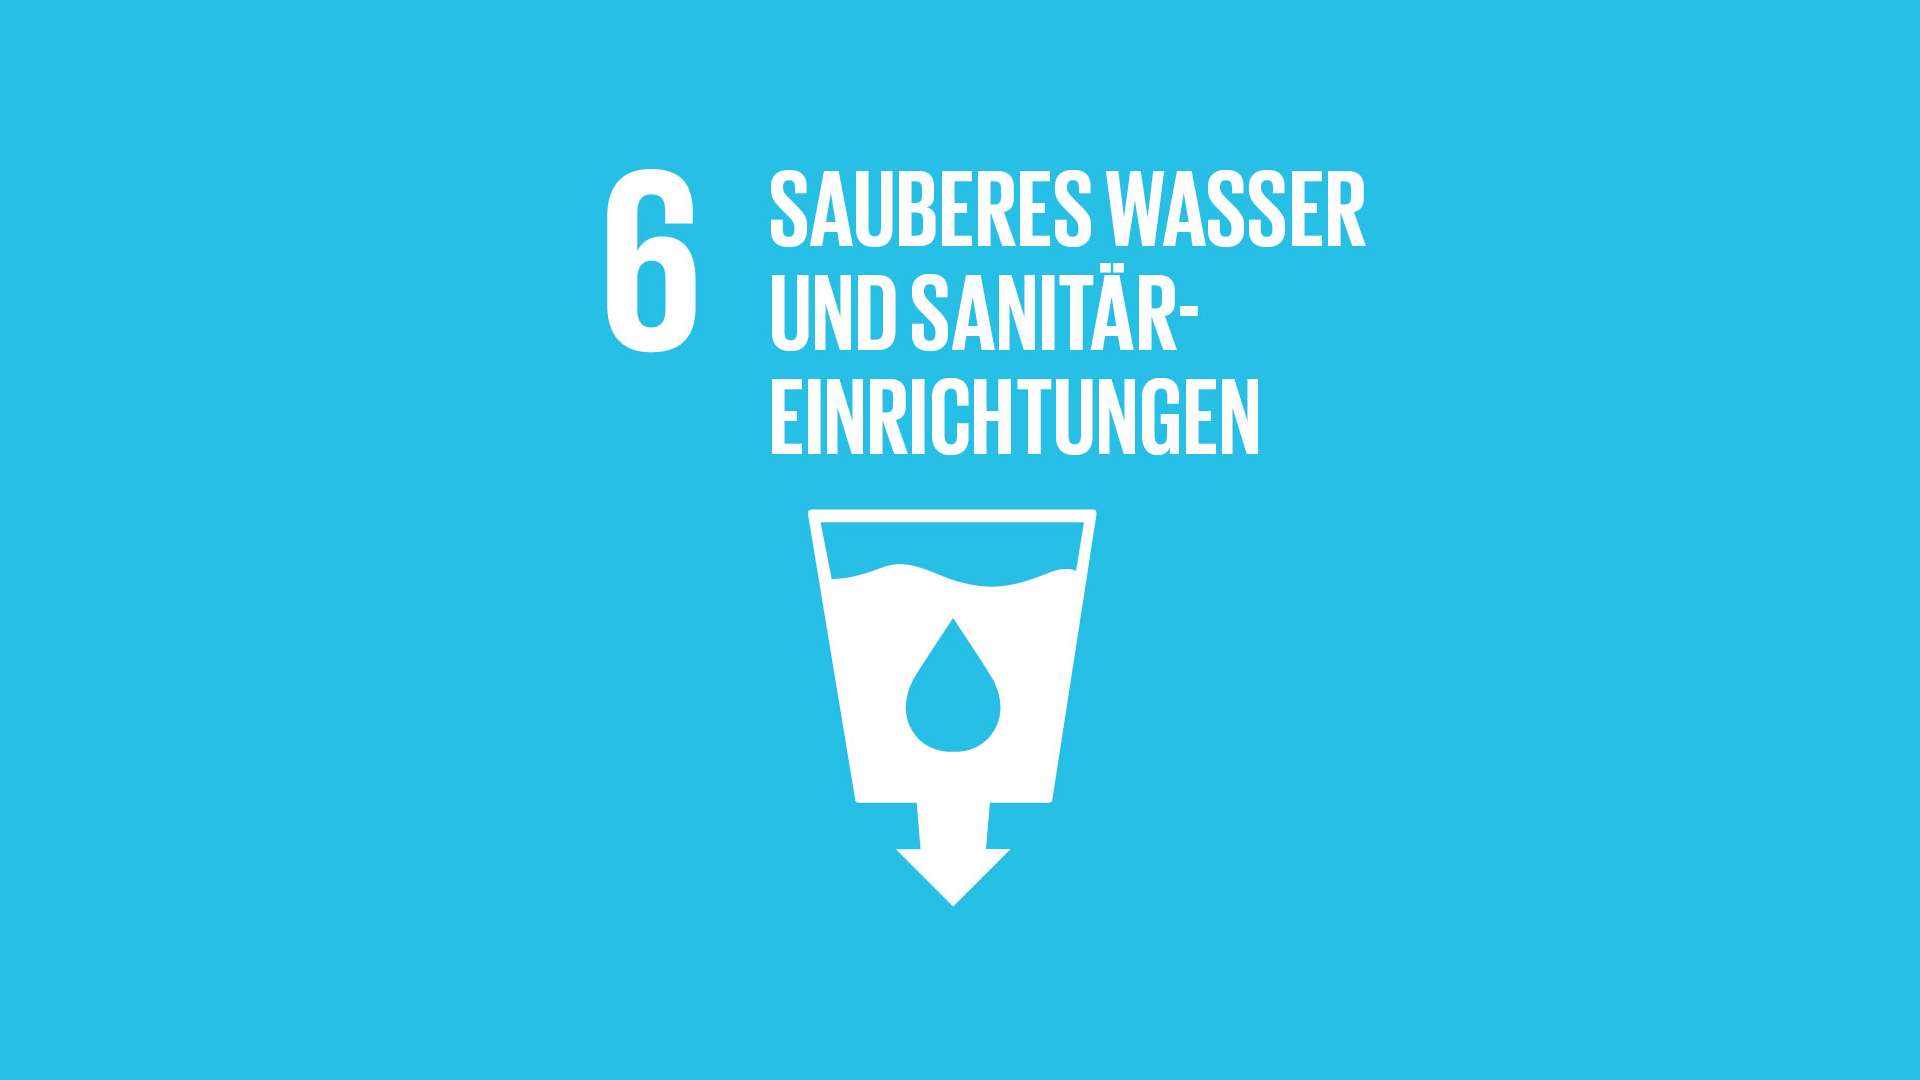 SDG 6: Sauberes Wasser und Sanitäreinrichtungen